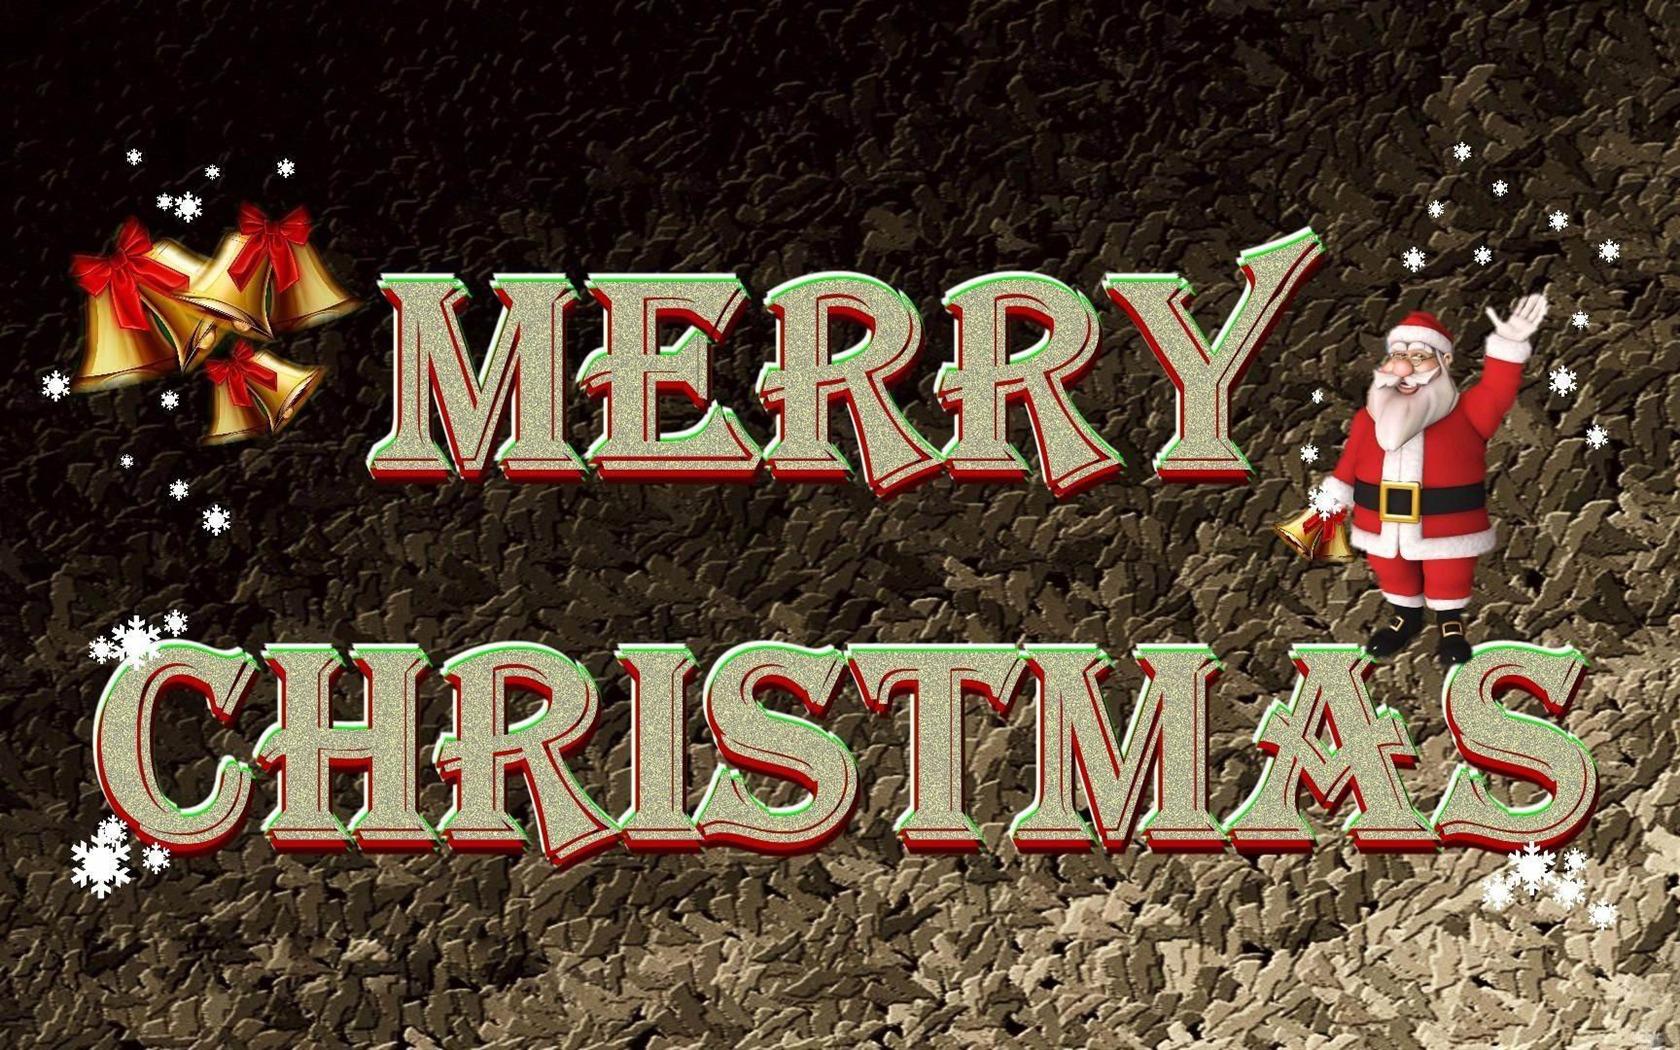 ... ハッピークリスマスの壁紙 現在のサイズ: 1680 x 1050